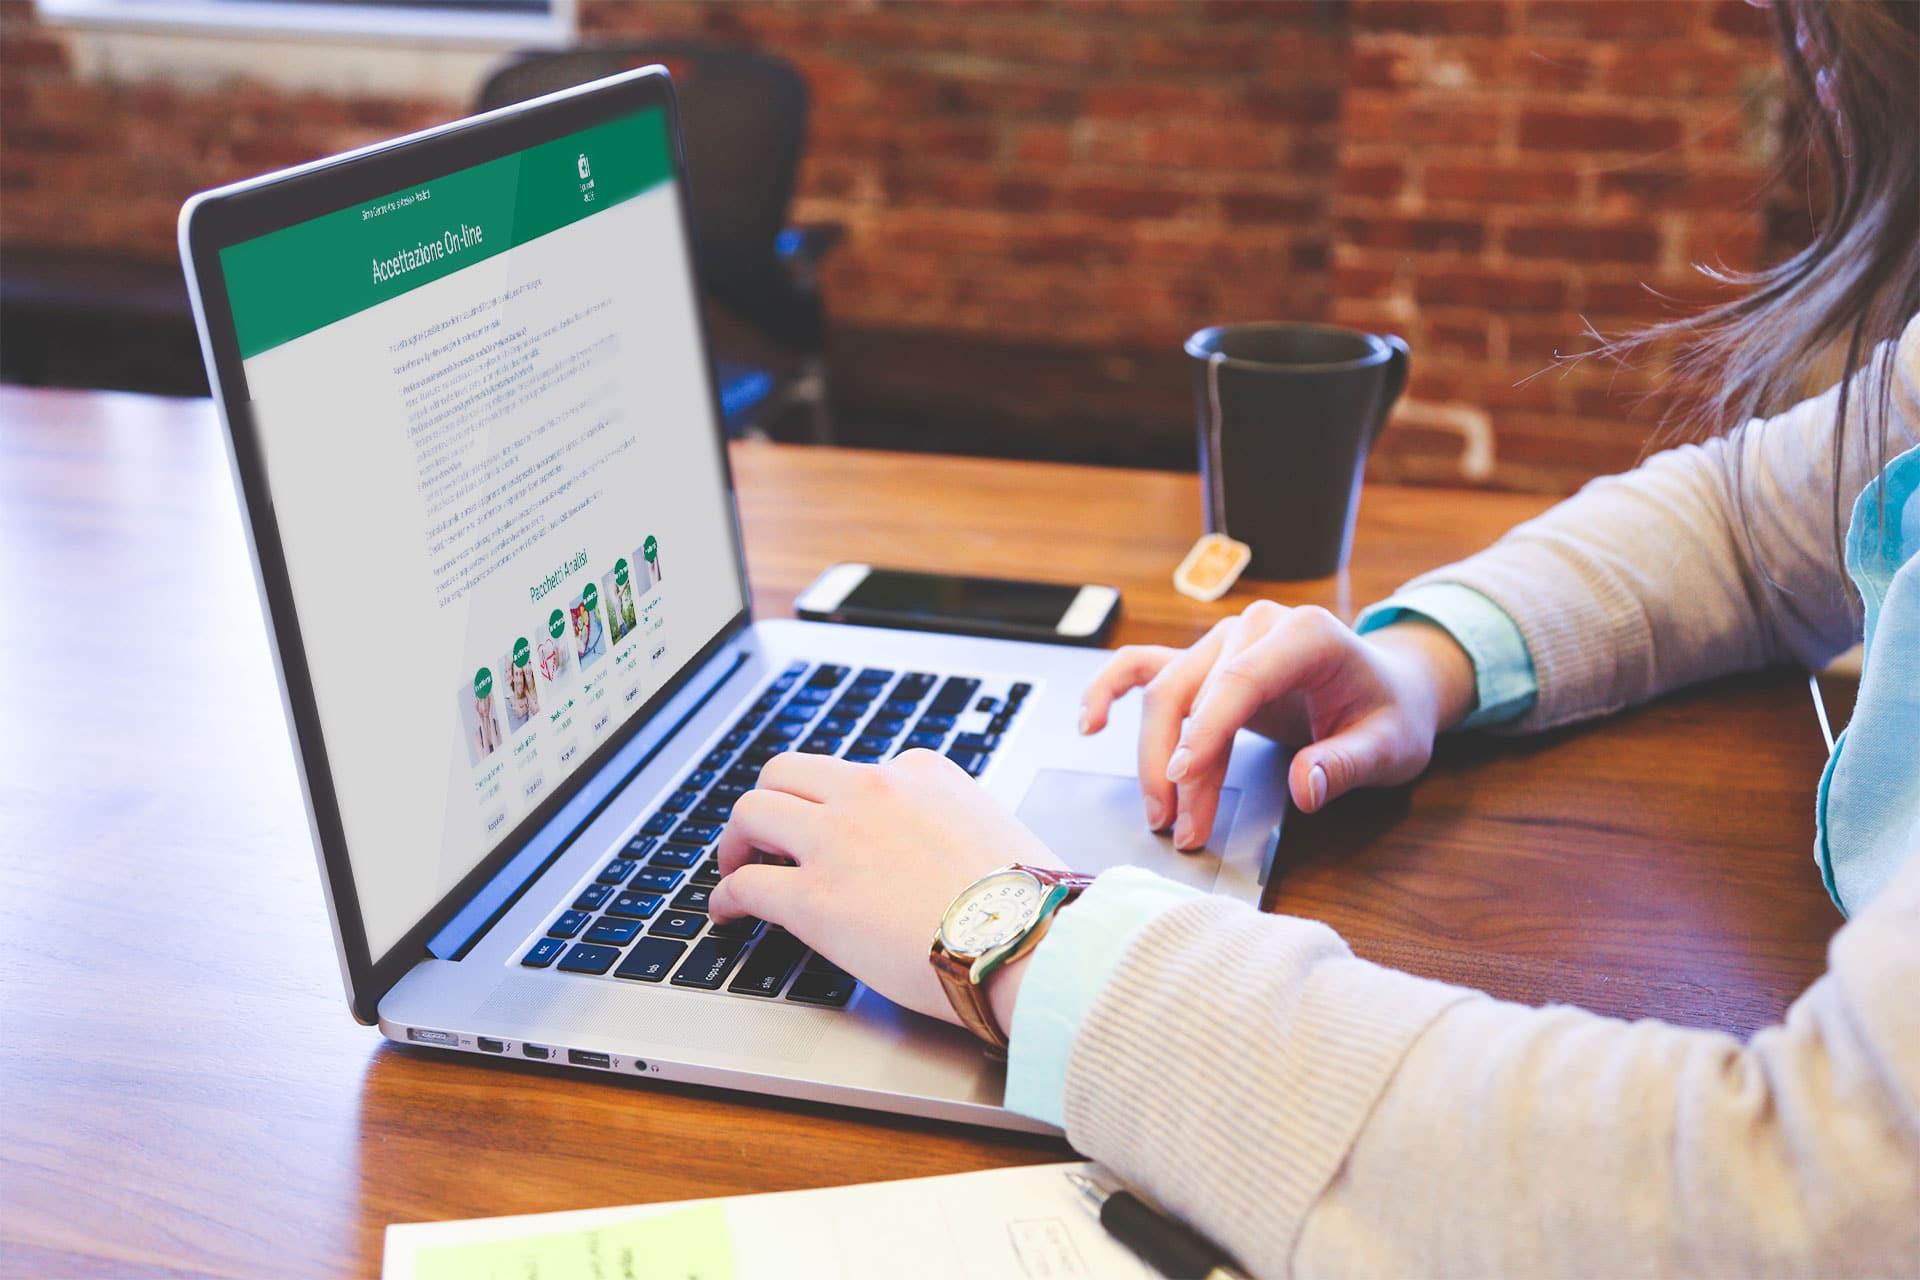 Centro Analisi Simo - Analisi a Portata di Web 3